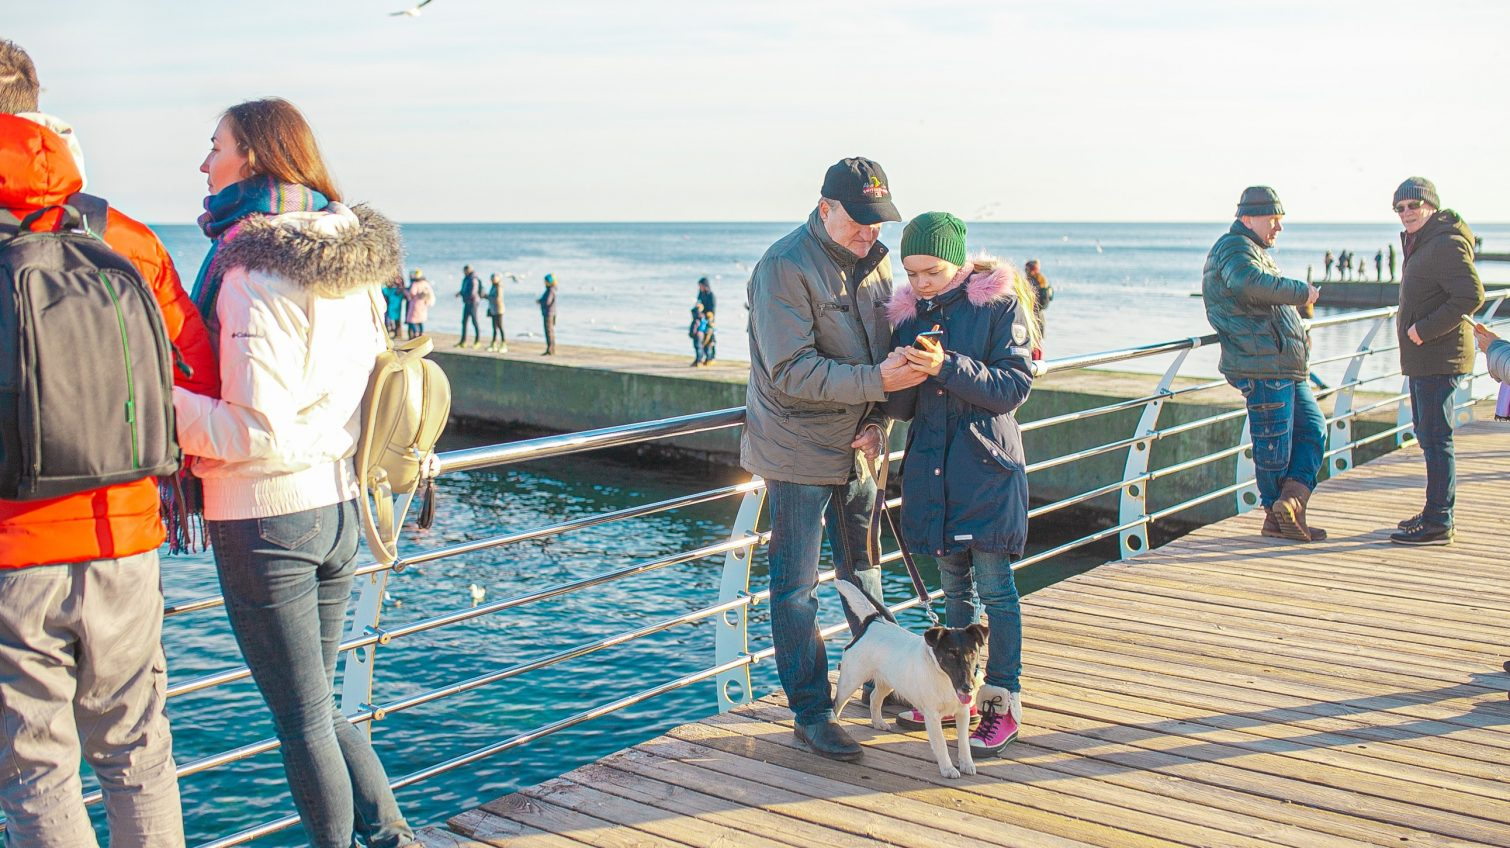 Одесское побережье заполонили отдыхающие: семейные прогулки у моря, очереди на фото, пикник на свежем воздухе (фоторепортаж) «фото»